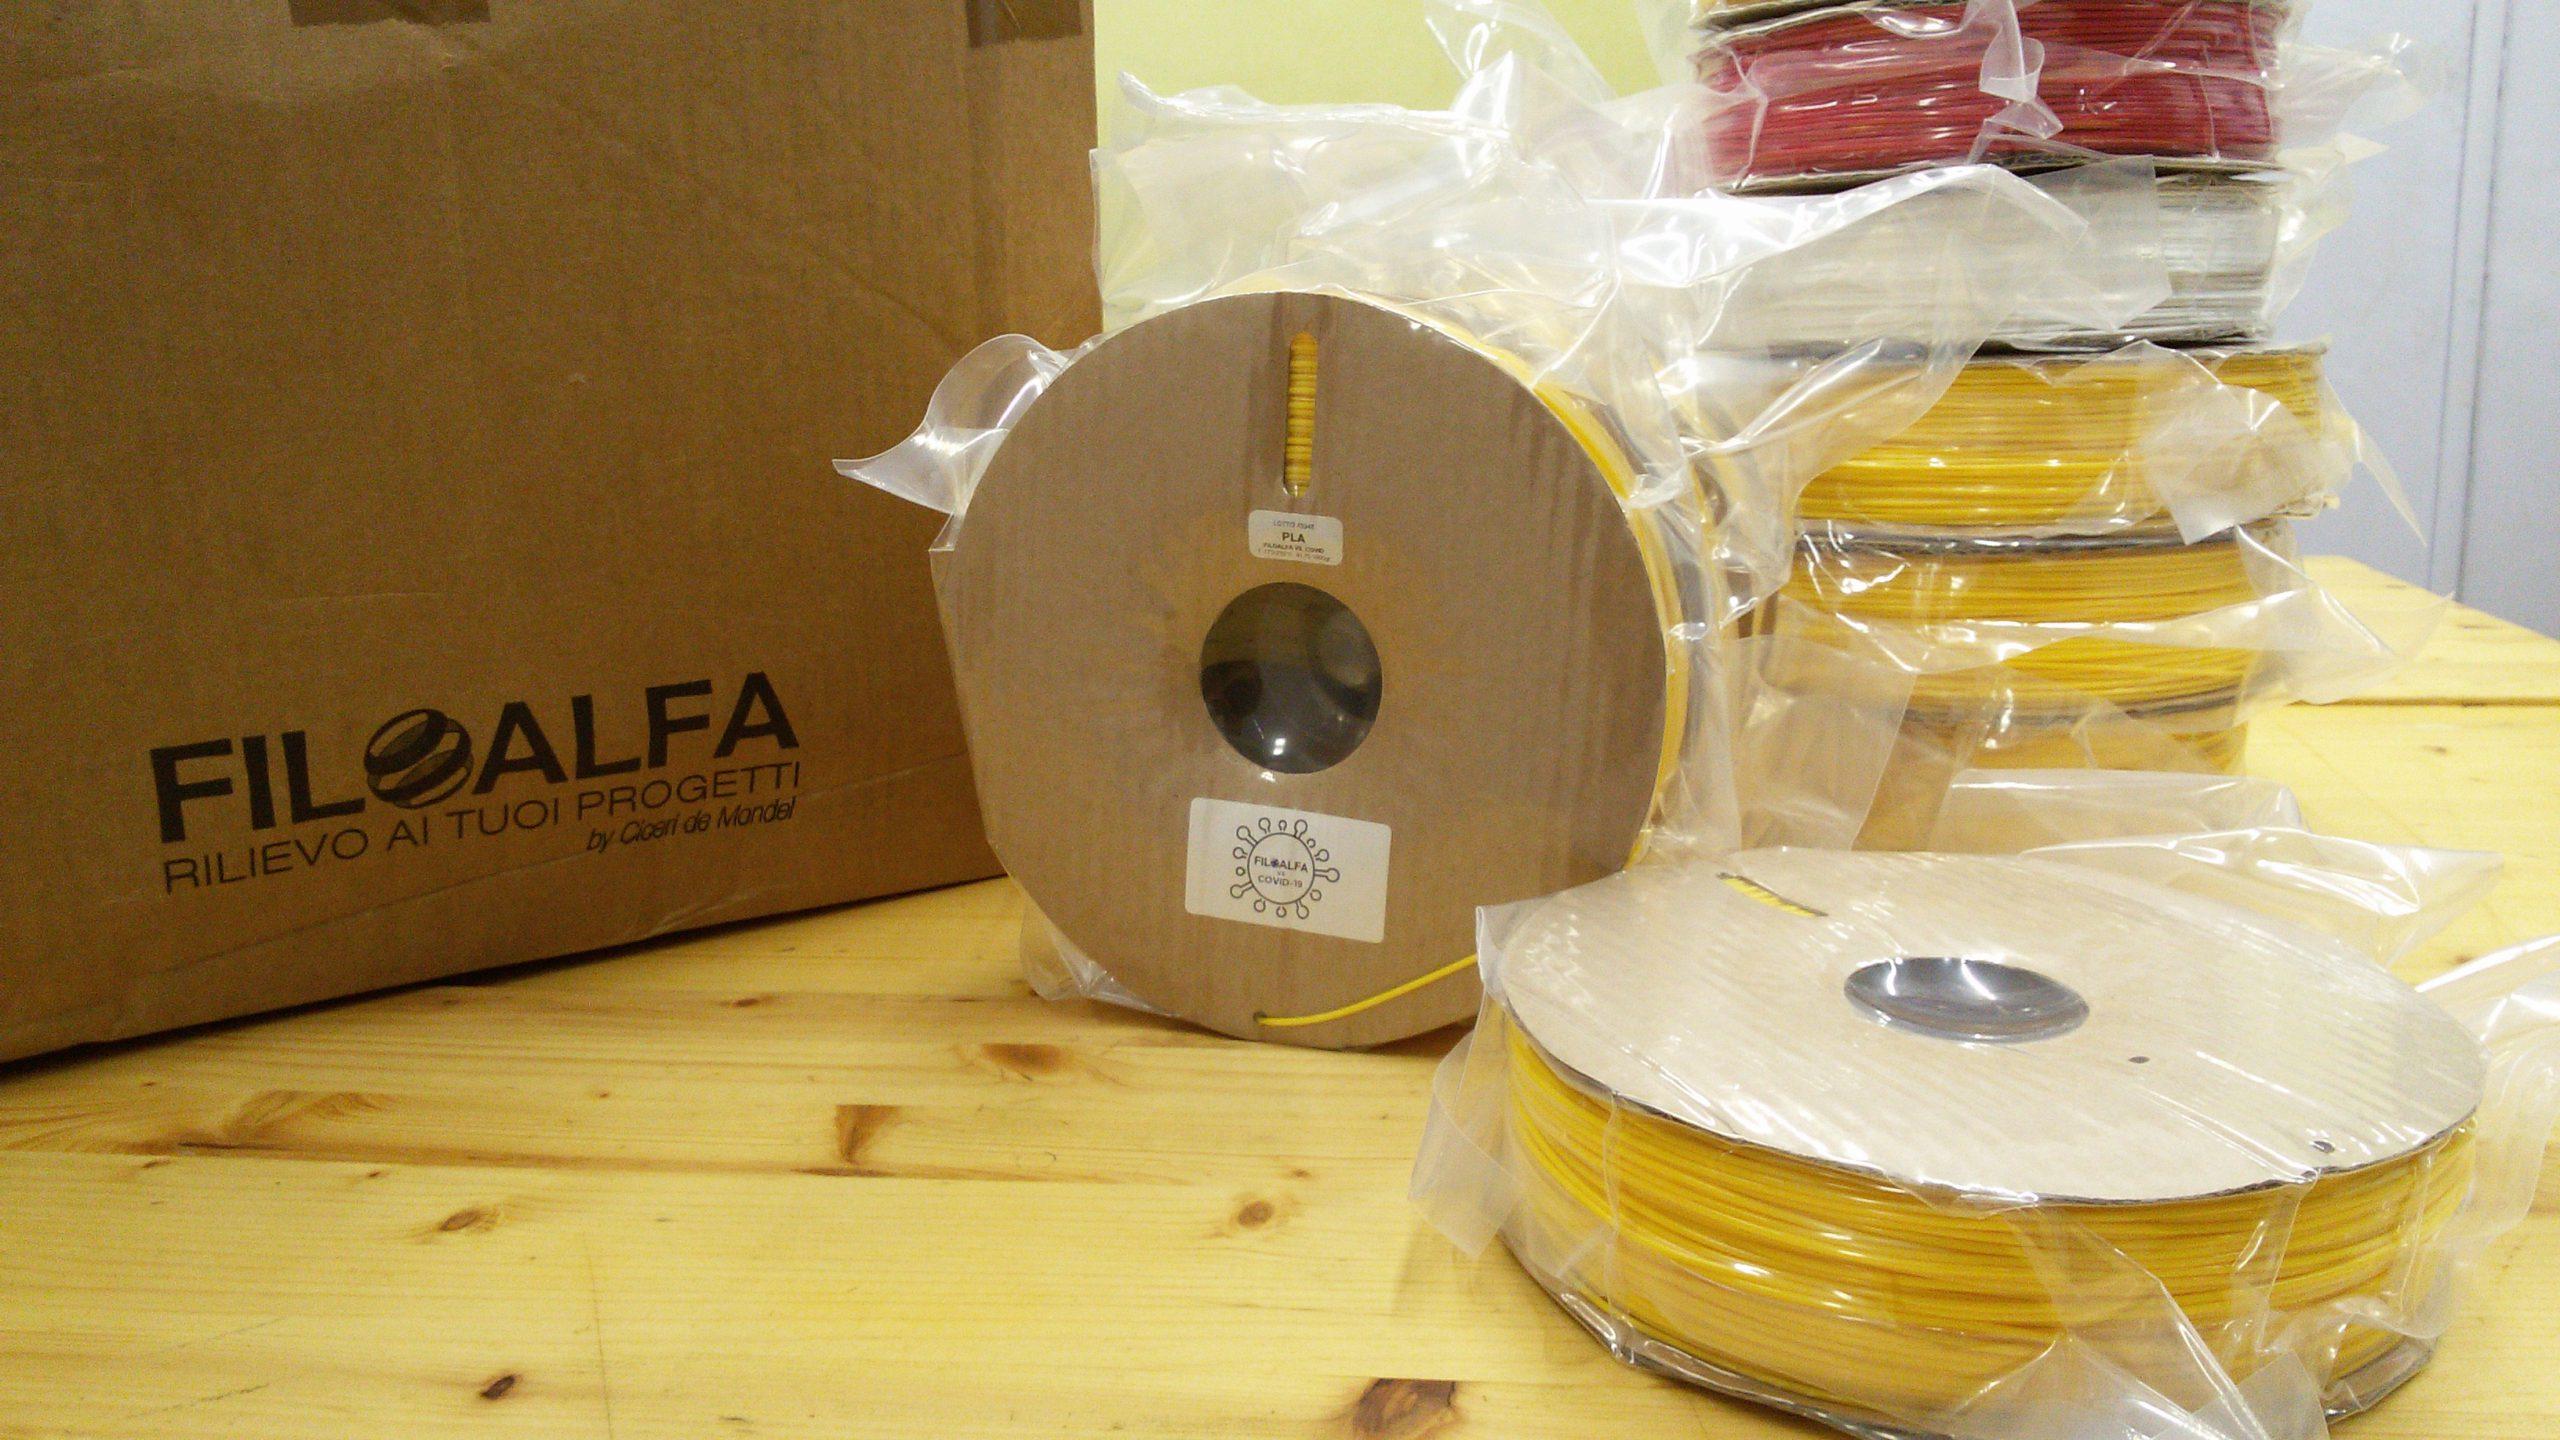 Bobina Sospesa: 10 bobine di PLA donate al Fab Lab.